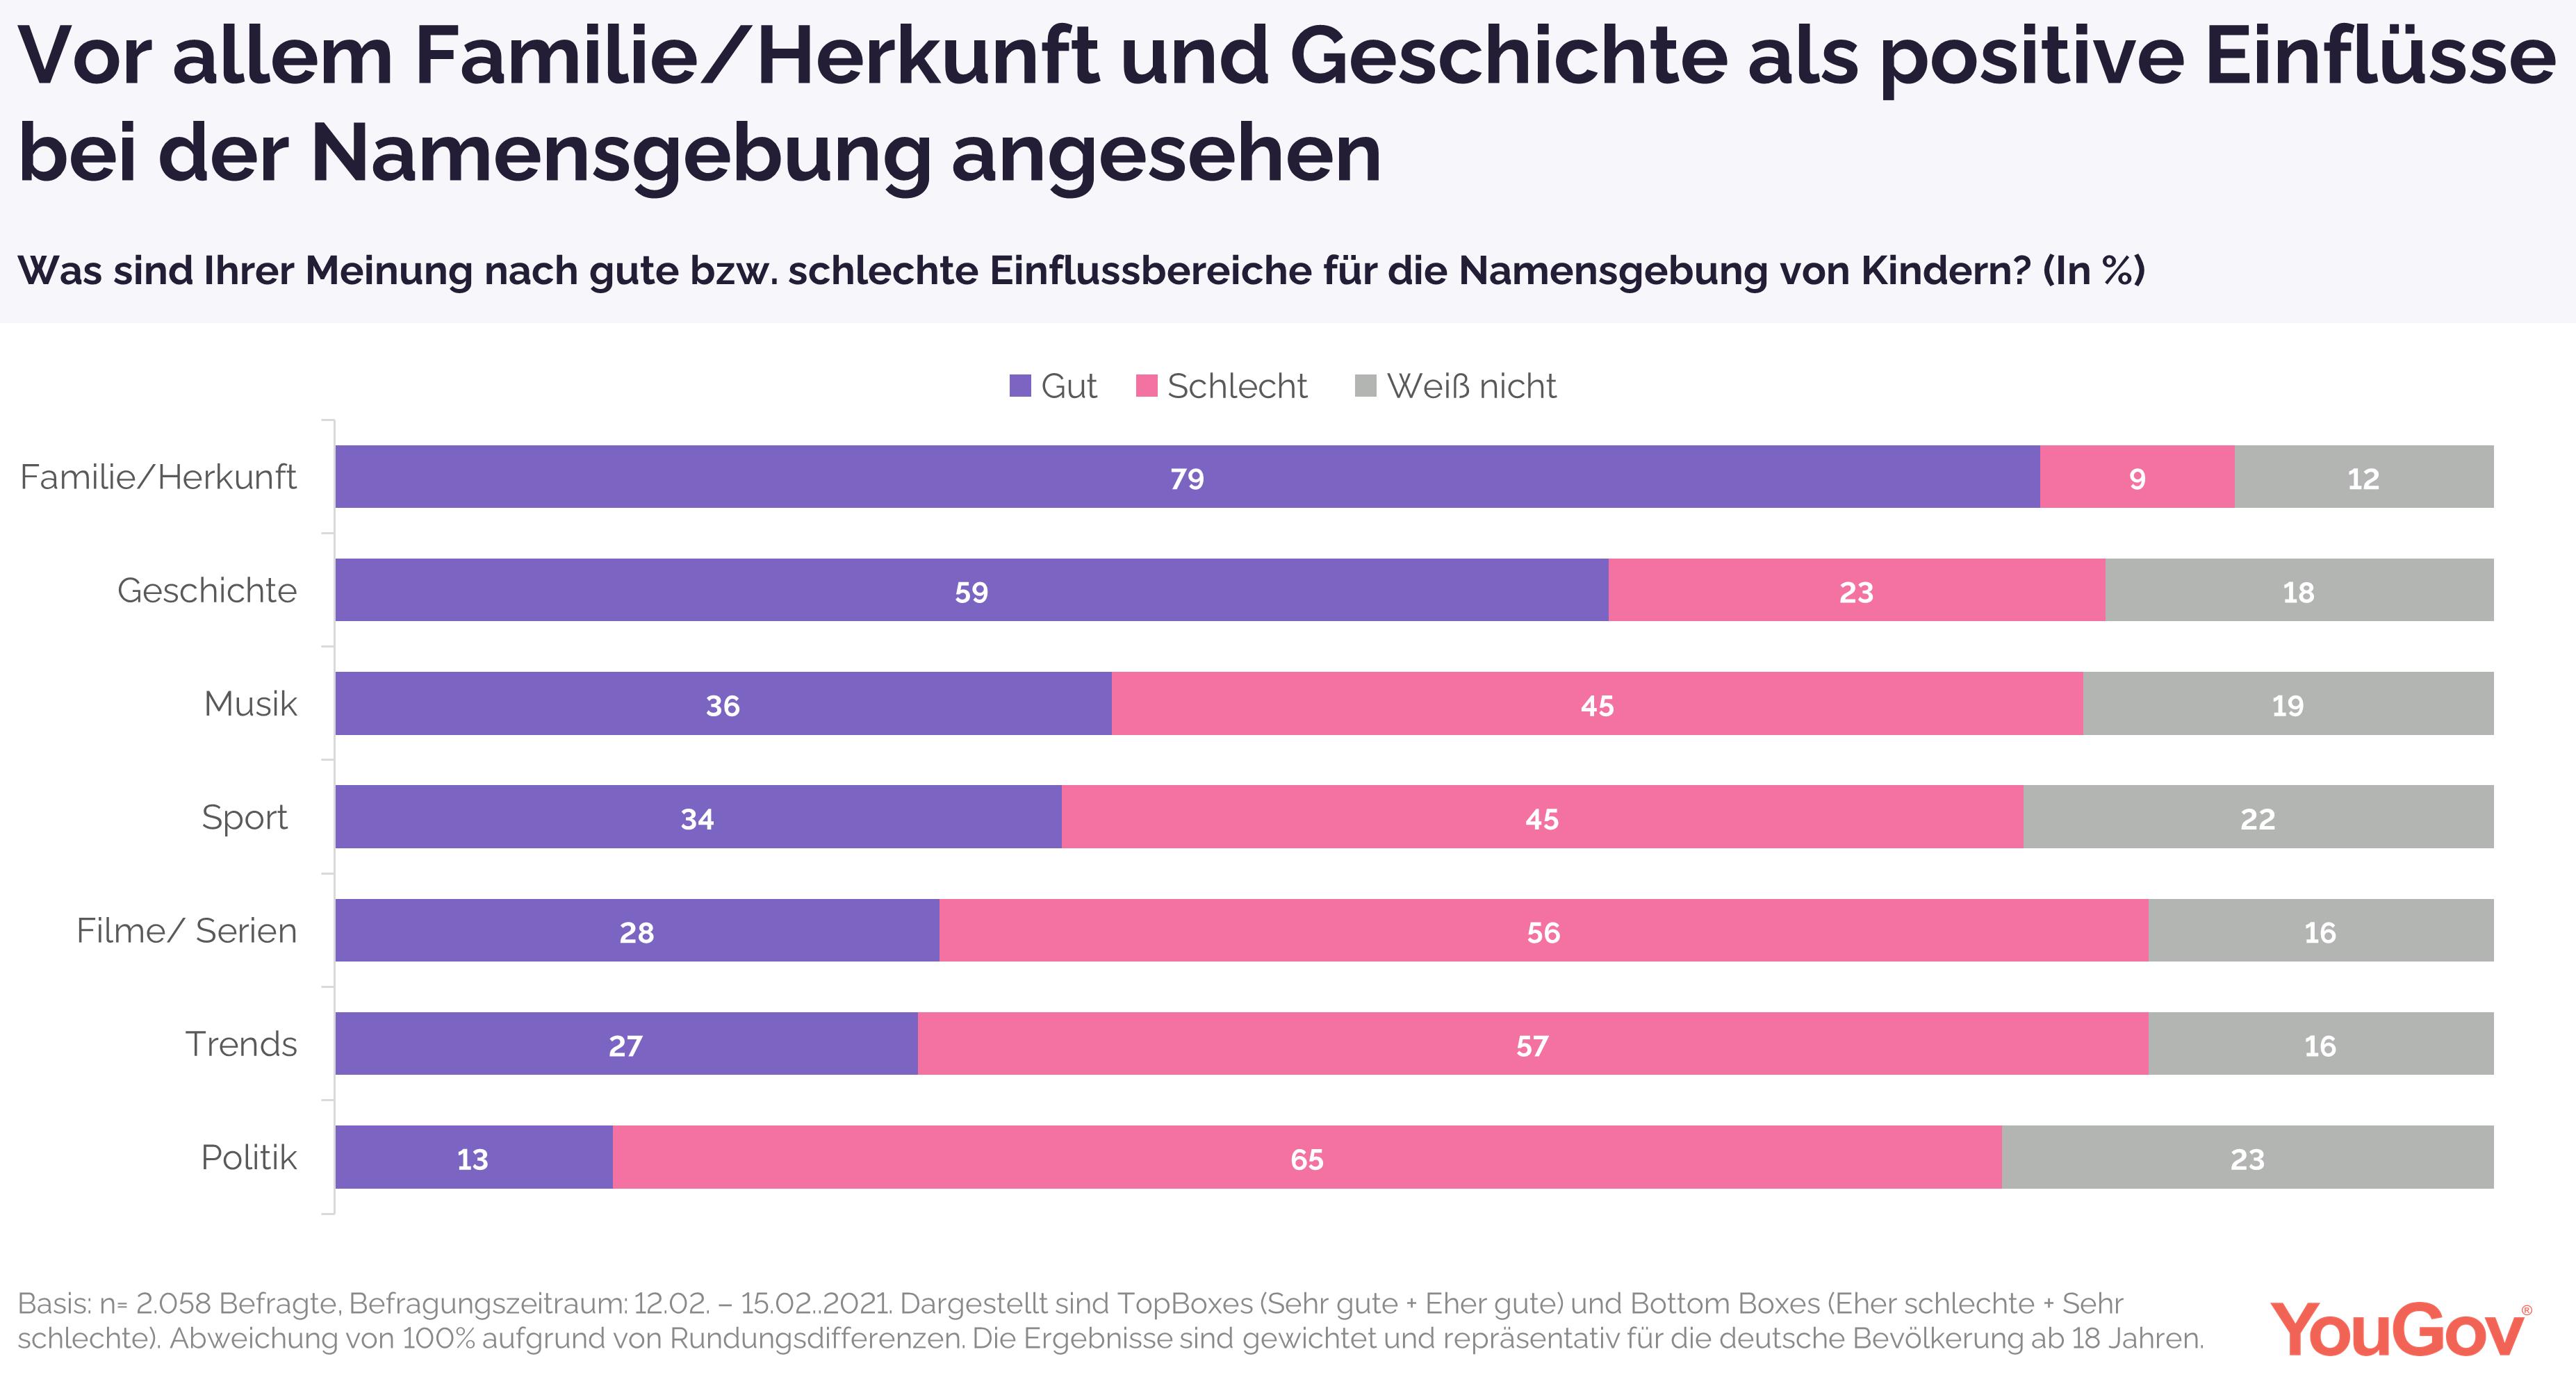 Vor allem Familie/Herkunft nimmt Einfluss auf Namensgebungen, so die Deutschen